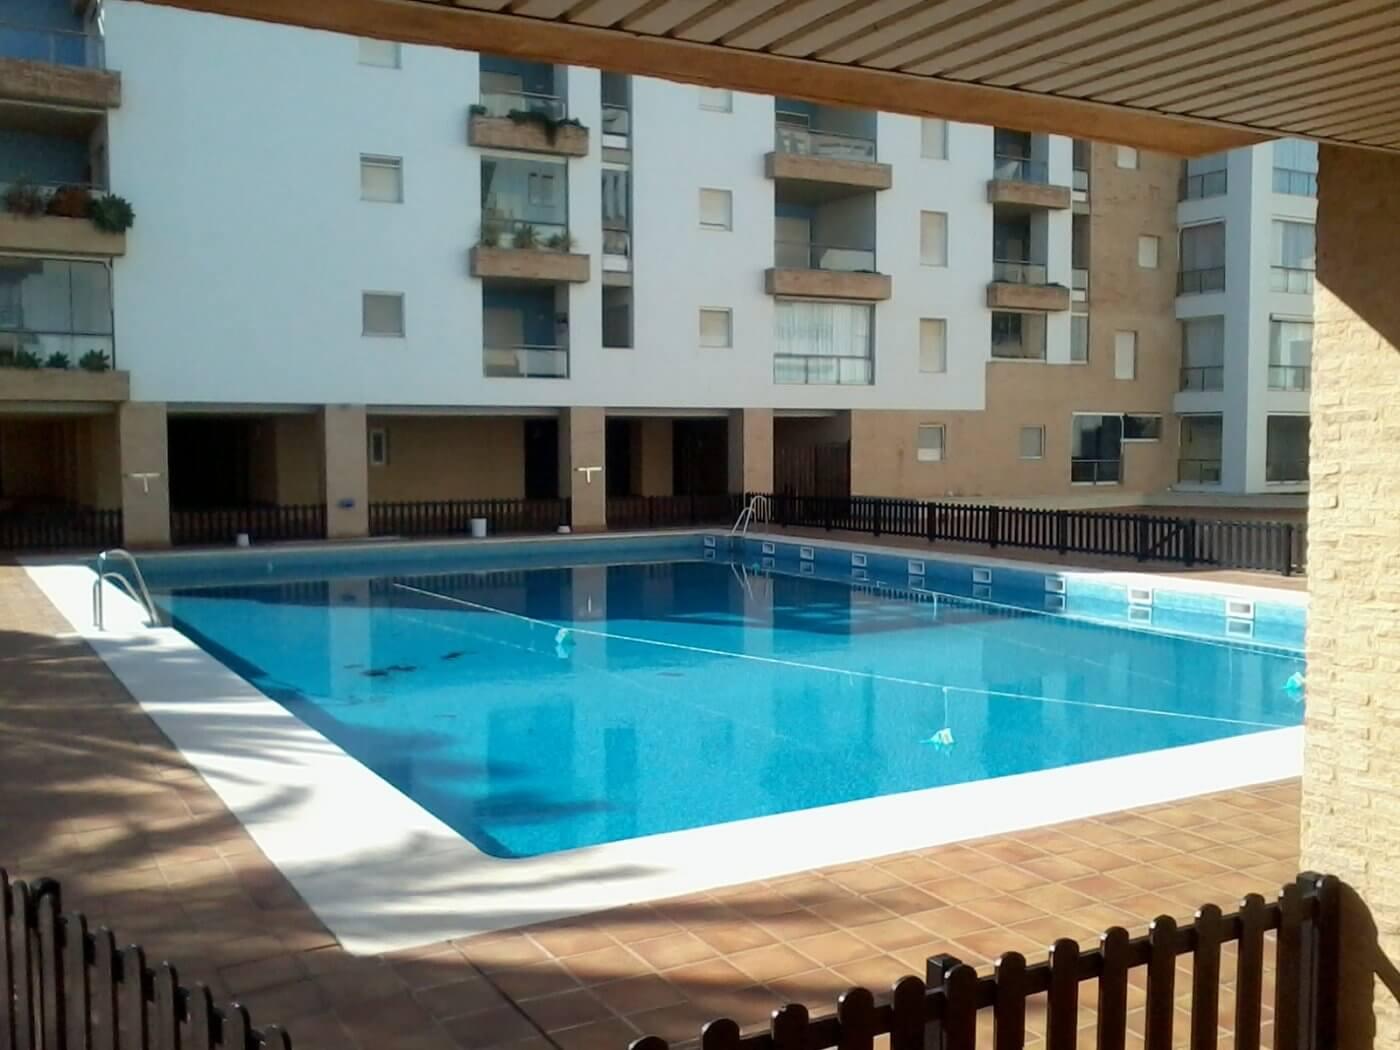 Alquiler de apartamentos en isla canela costa punta del moral apartamento para alquilar punta moral - Alquiler apartamentos punta del moral ...